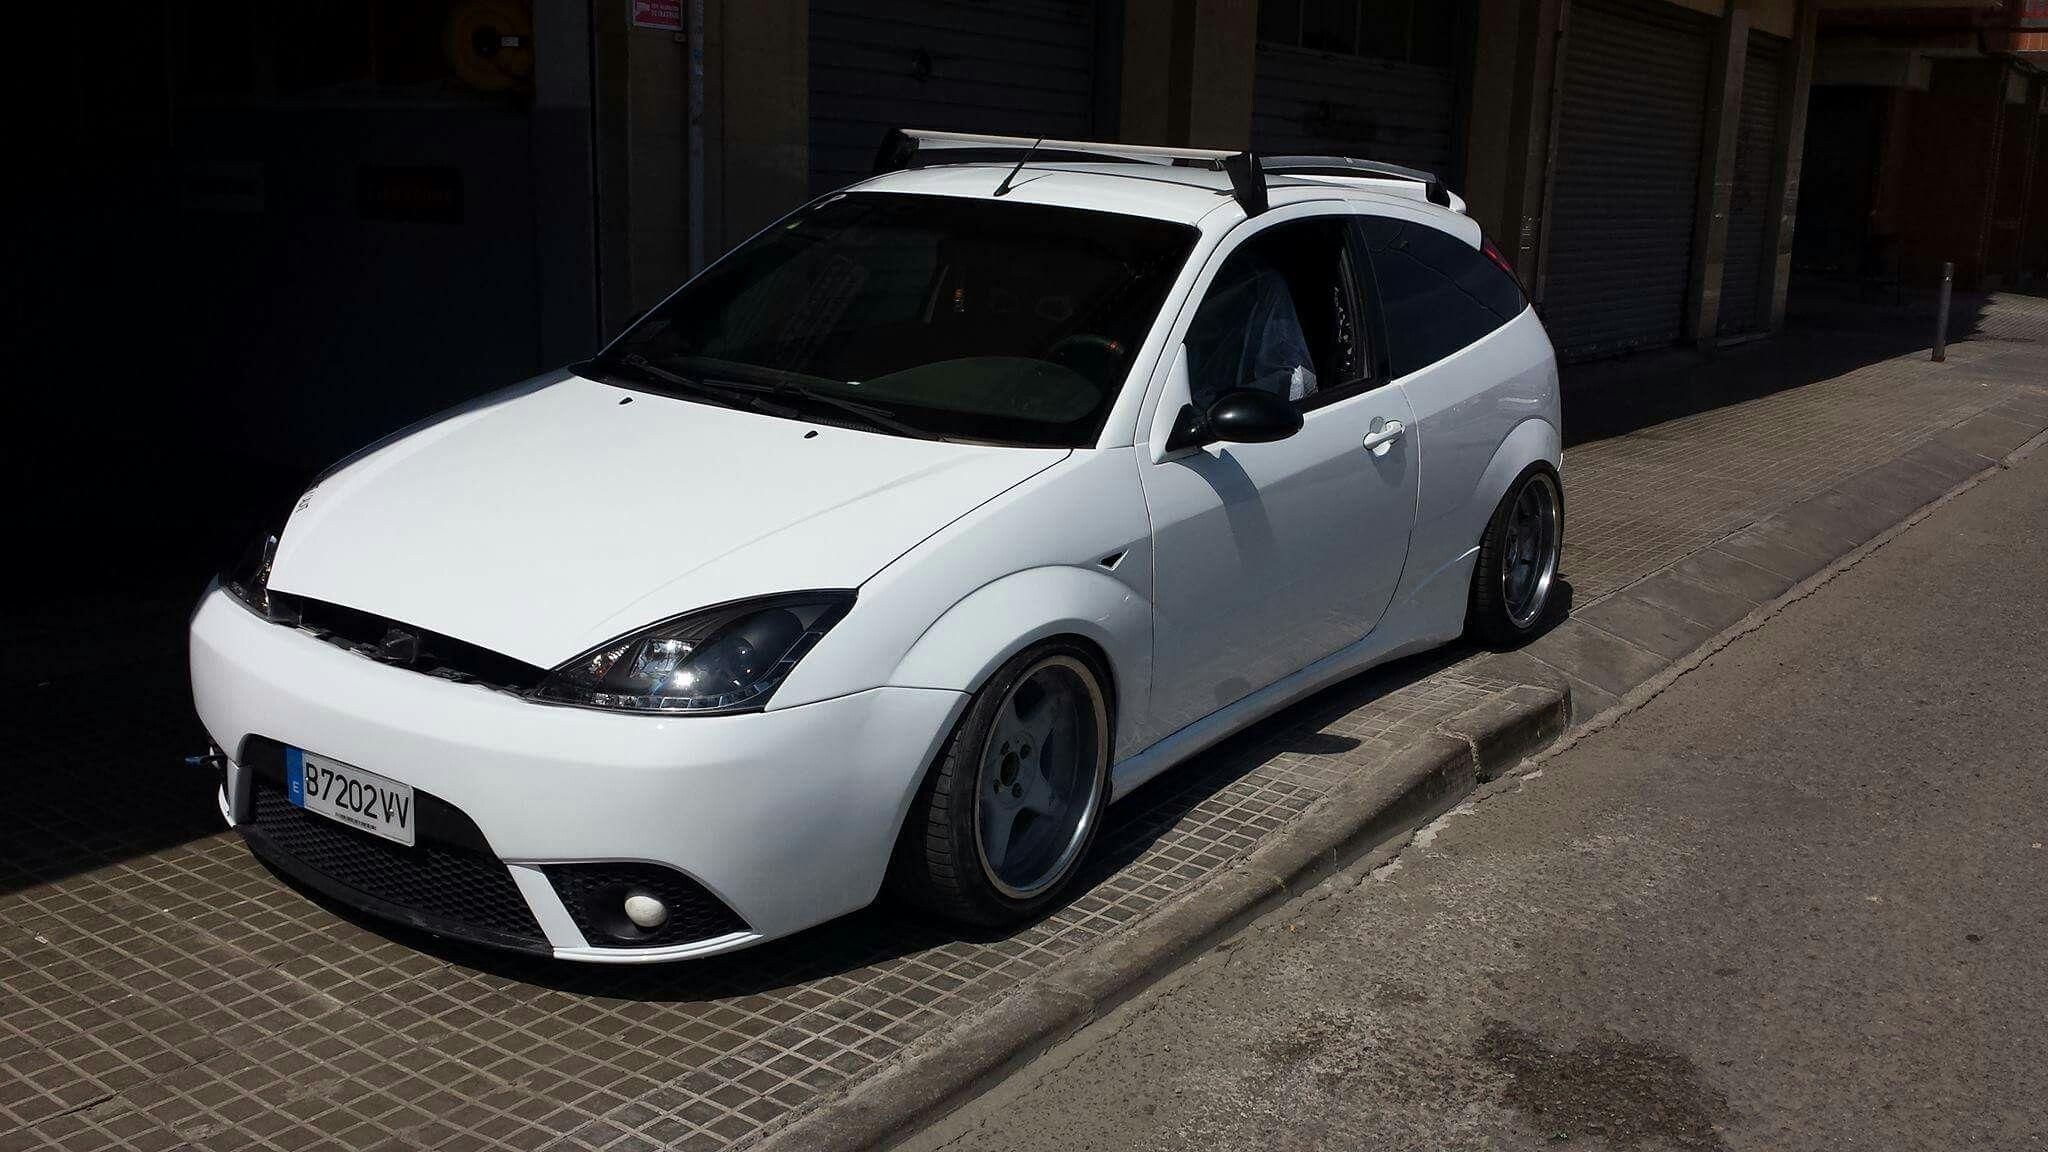 Ford focus svt mk1